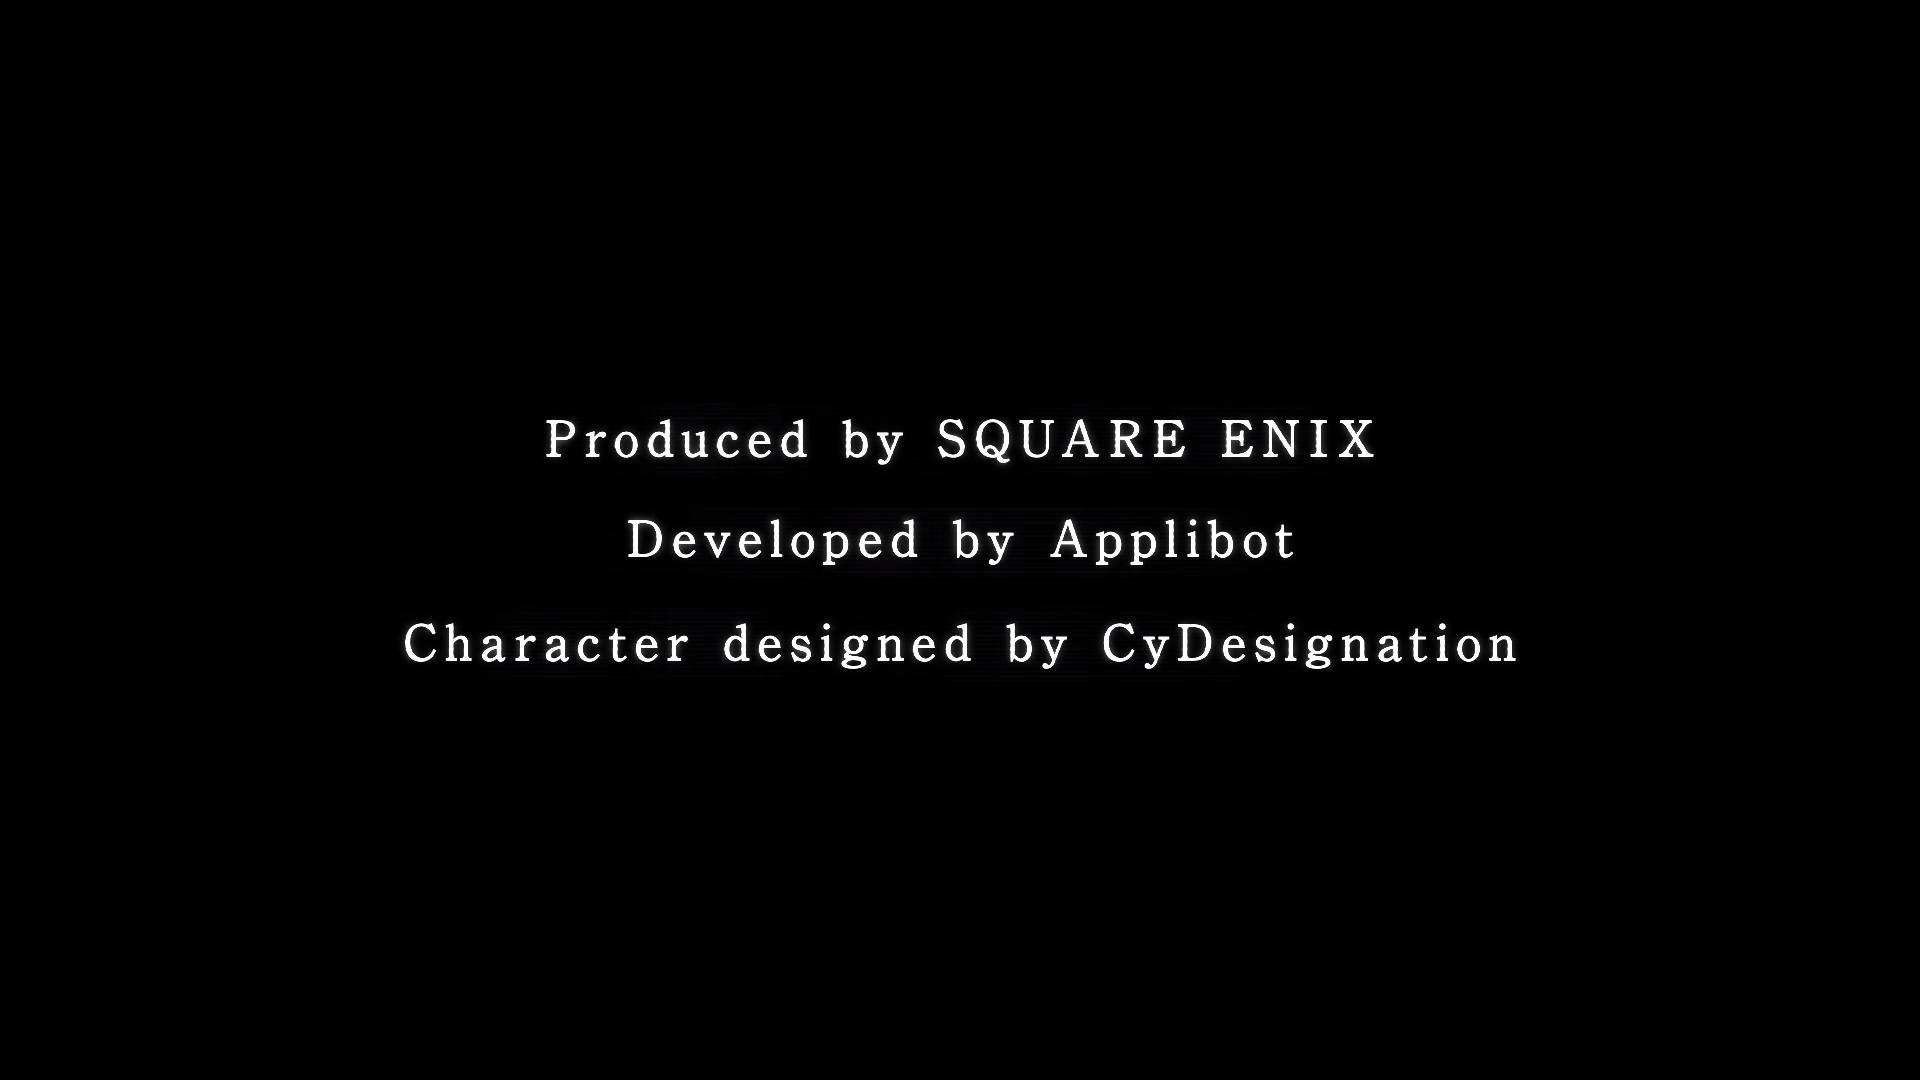 Square Enix annuncia una versione aggiornata di Nier Replicant